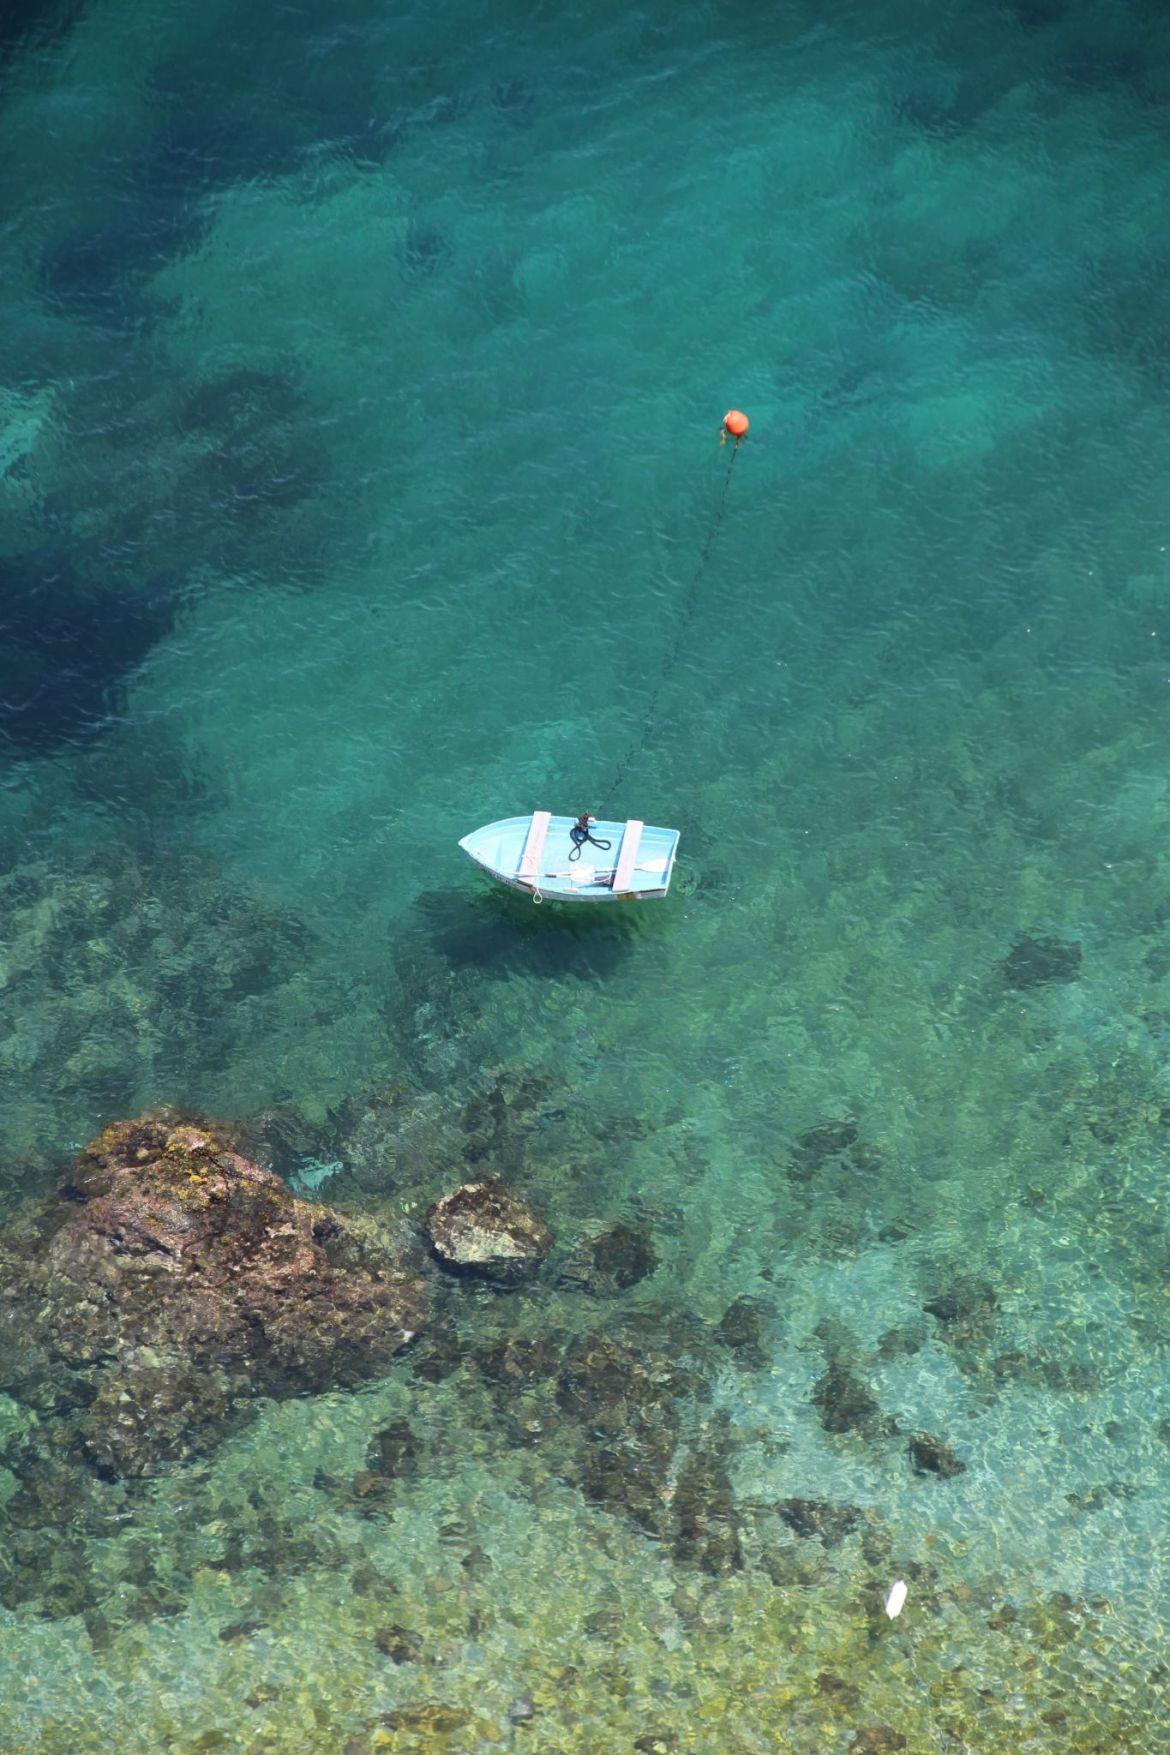 Explorez Amalfi et faites du bénévolat